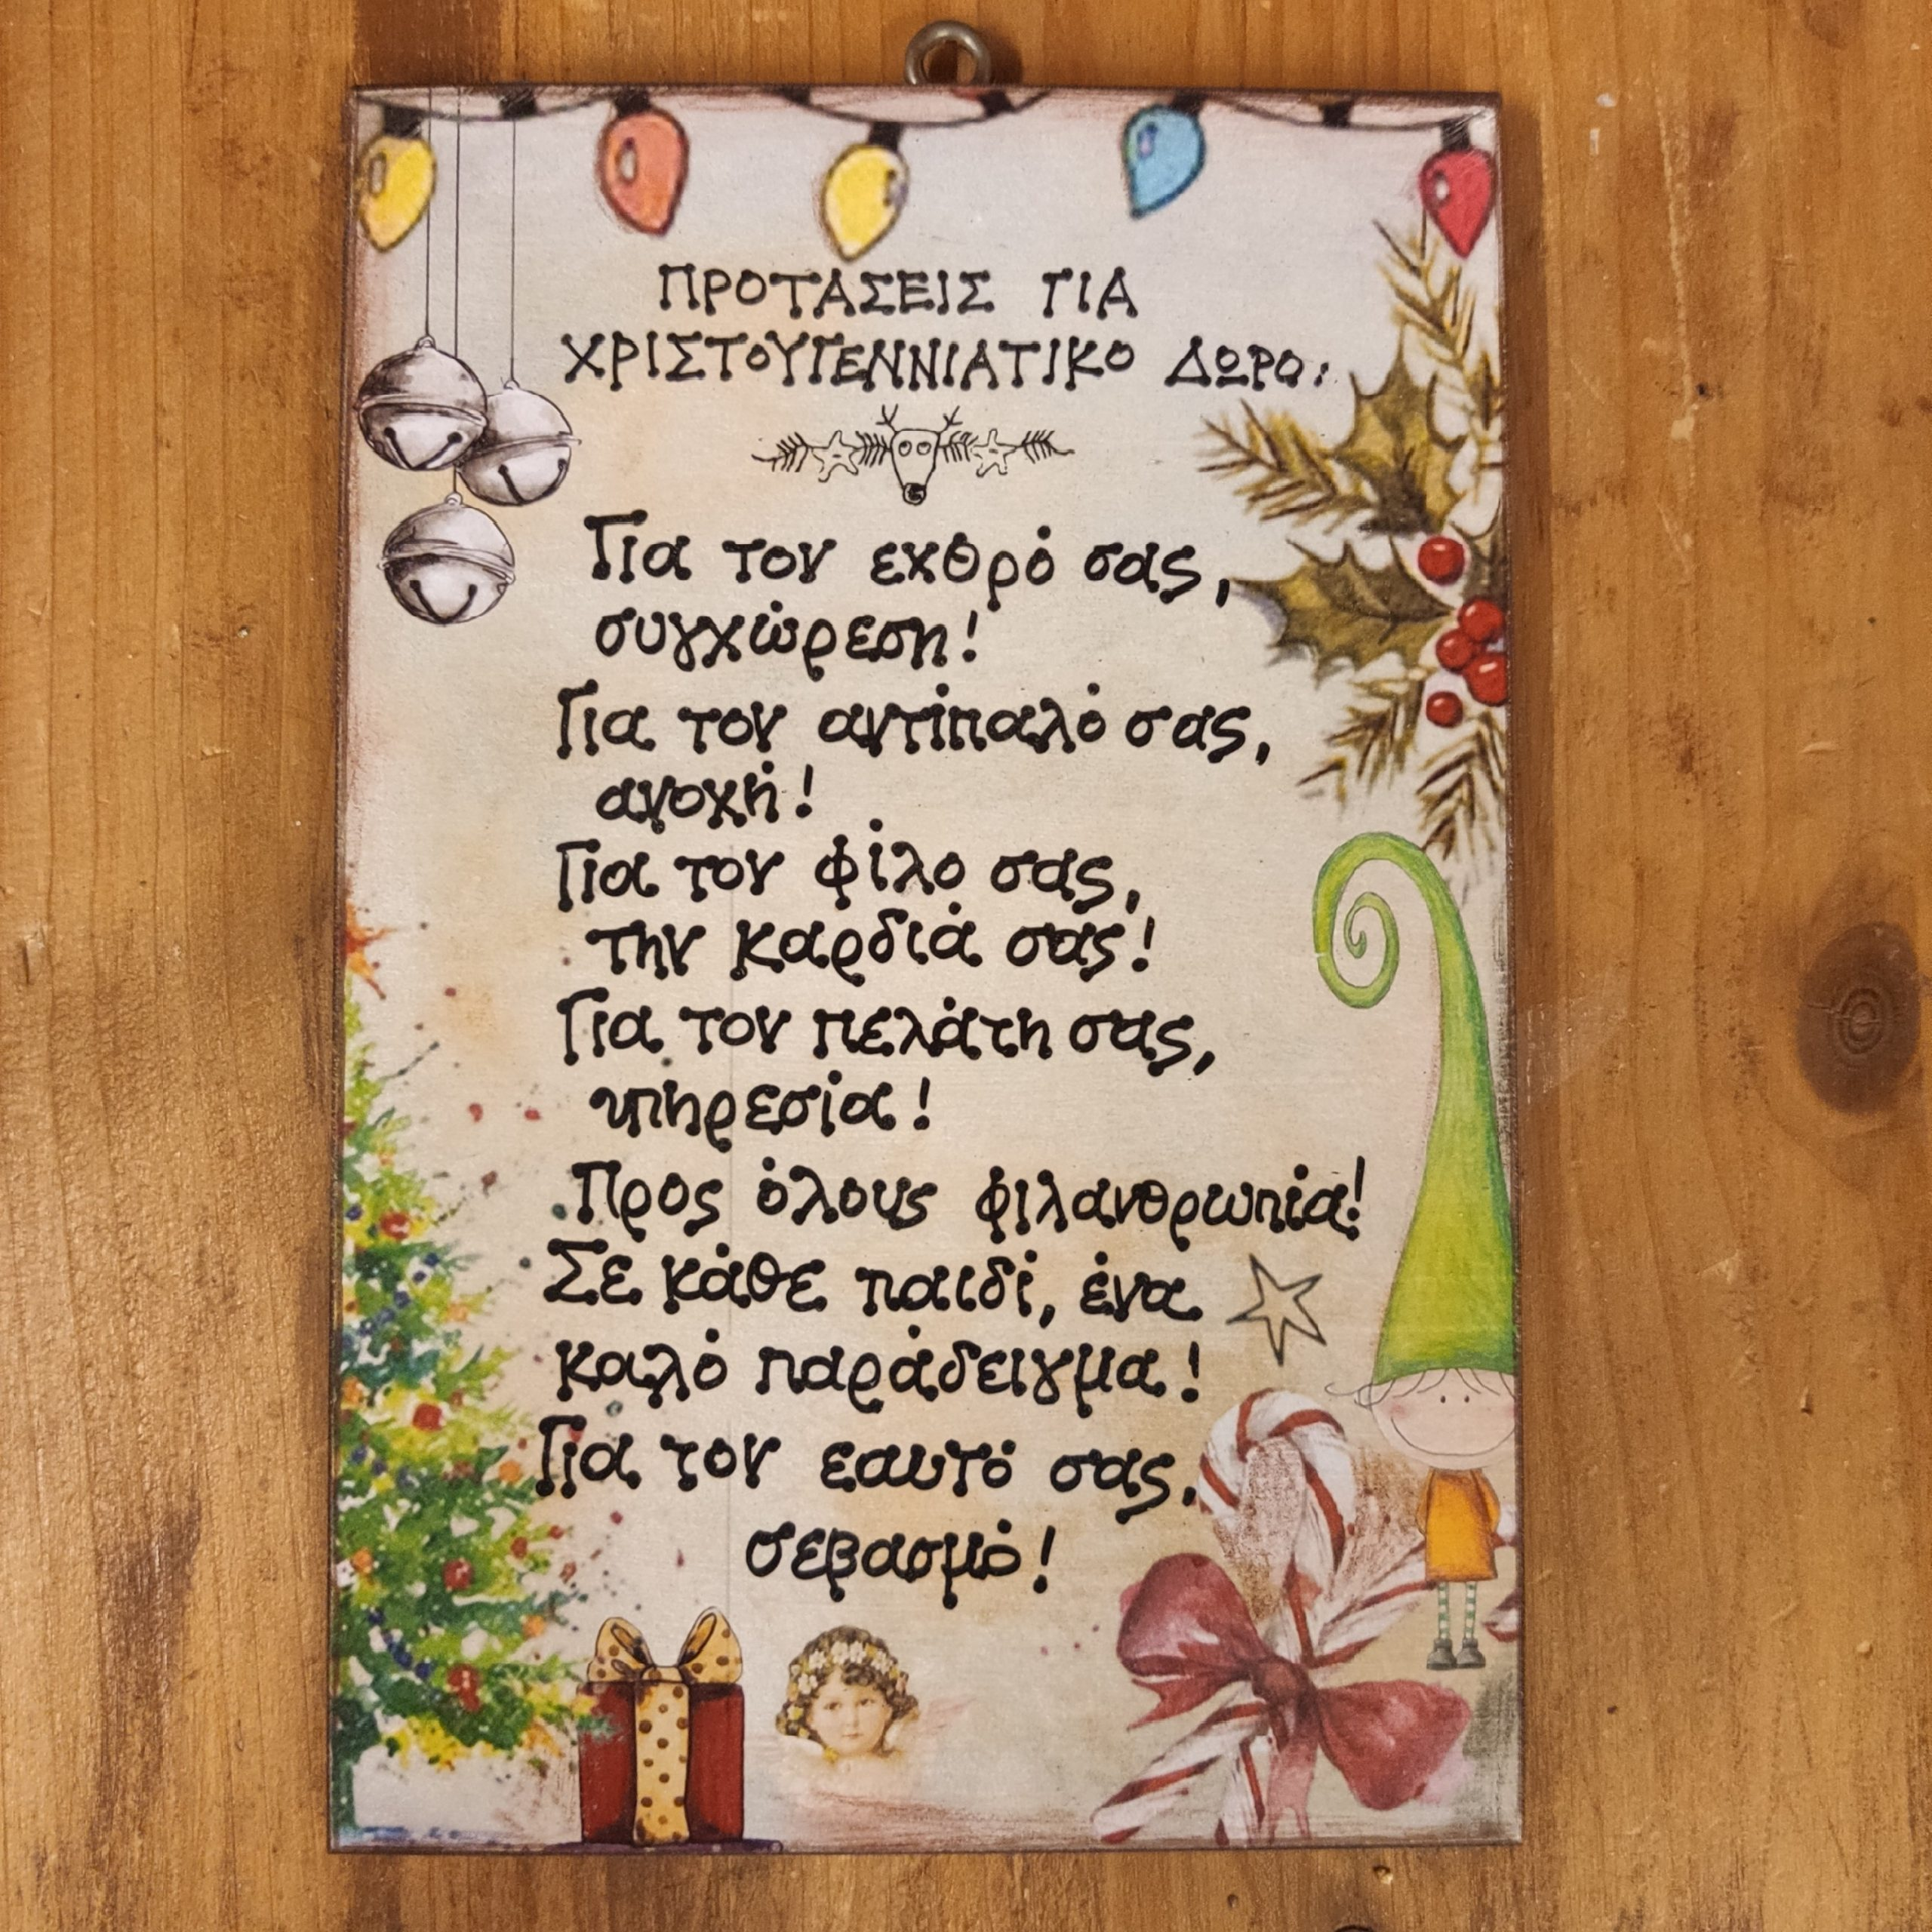 Προτάσεις για Χριστουγεννιάτικο δώρο…